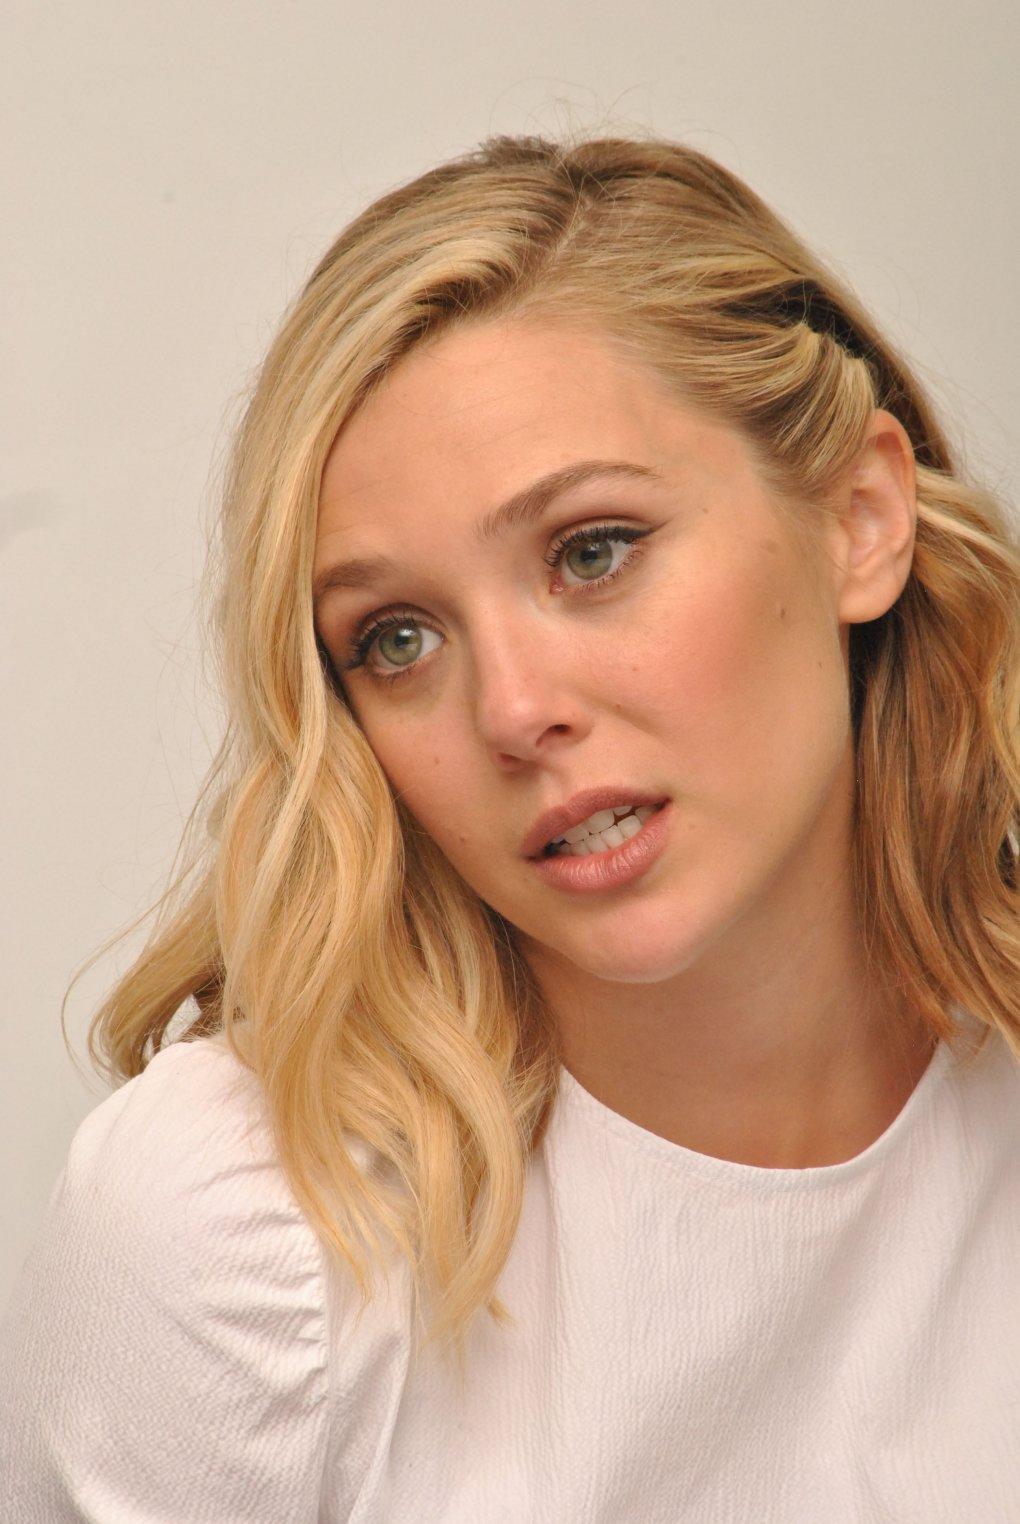 The Hottest Elizabeth Olsen Photos - 12thBlog